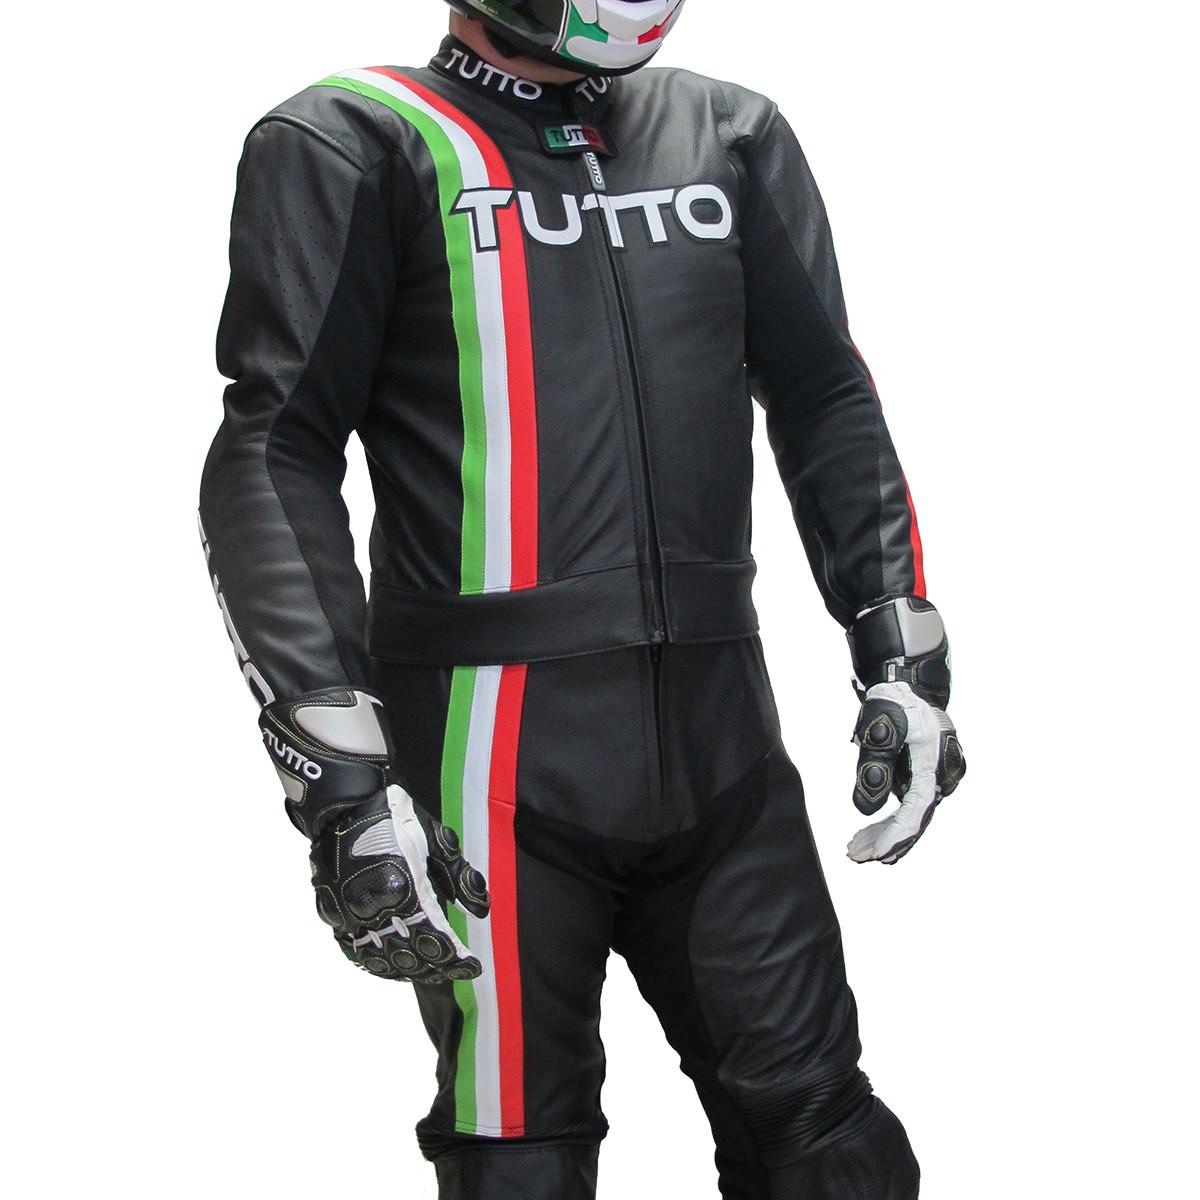 Macacão Tutto Moto Monza Itália - 2 peças - NOVO!